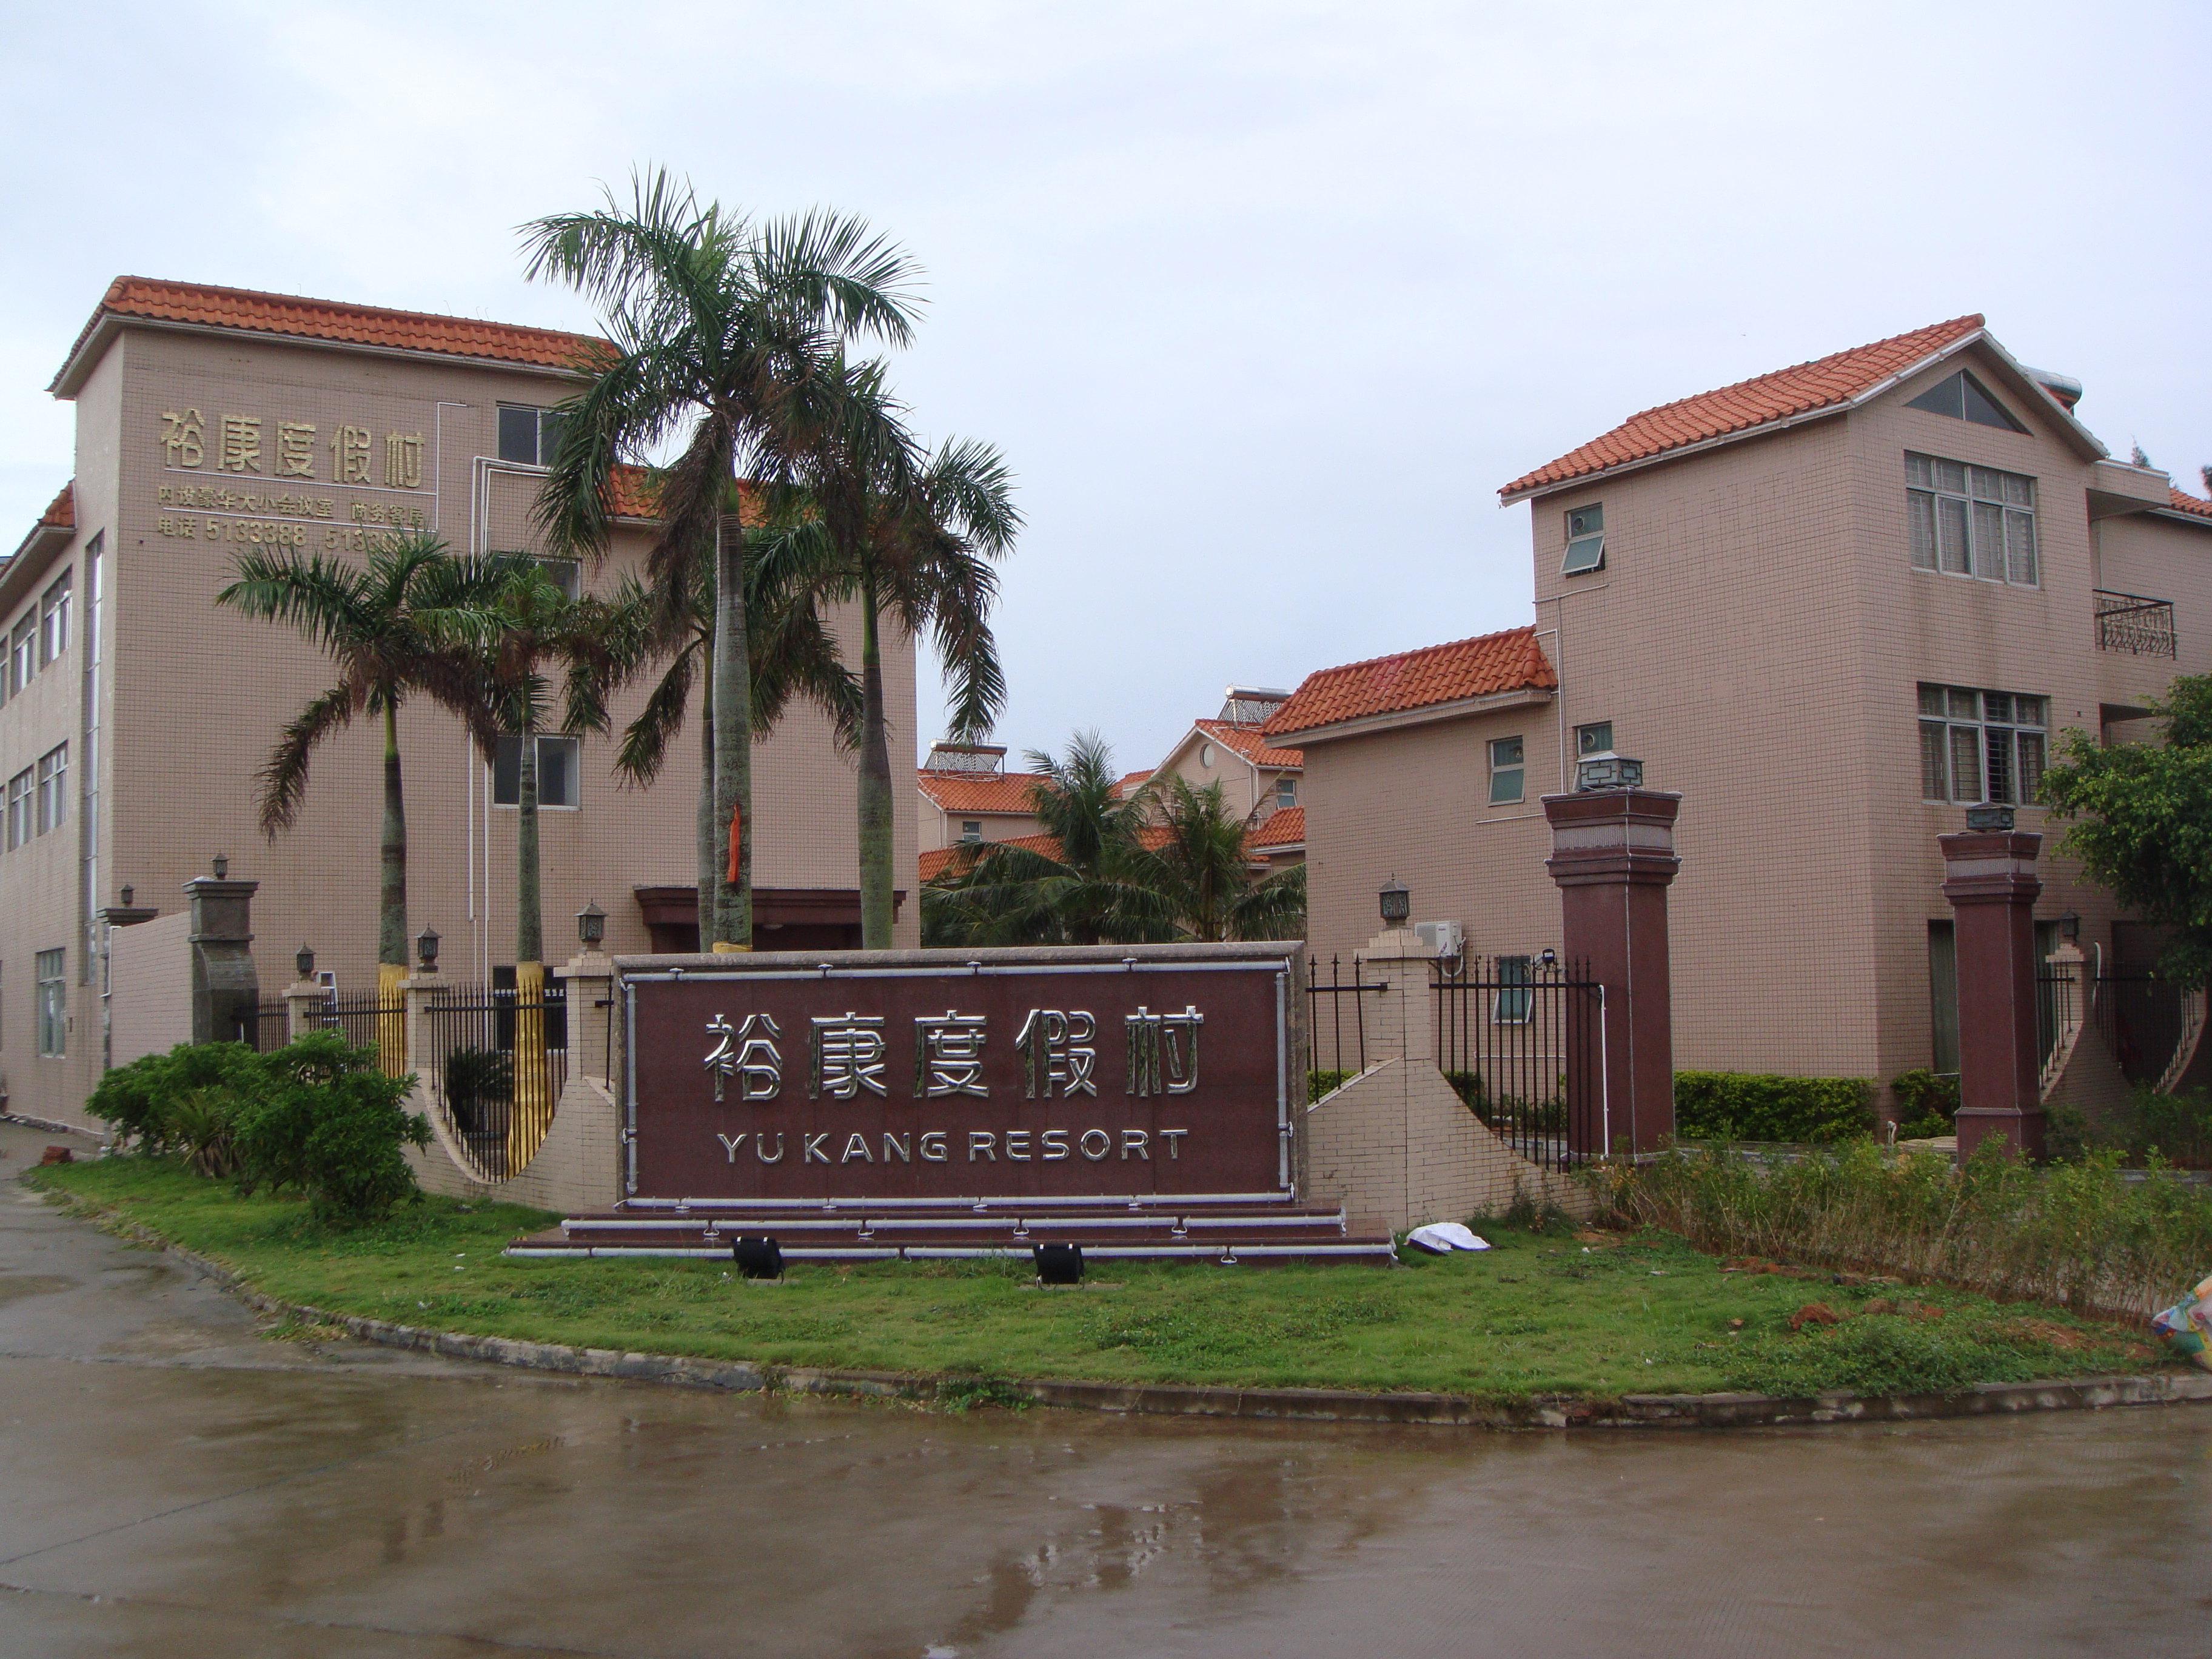 青浦淀山湖森林度假村_请问从青浦的银珠苑度假村(工行培训中心)到虹桥机场怎么